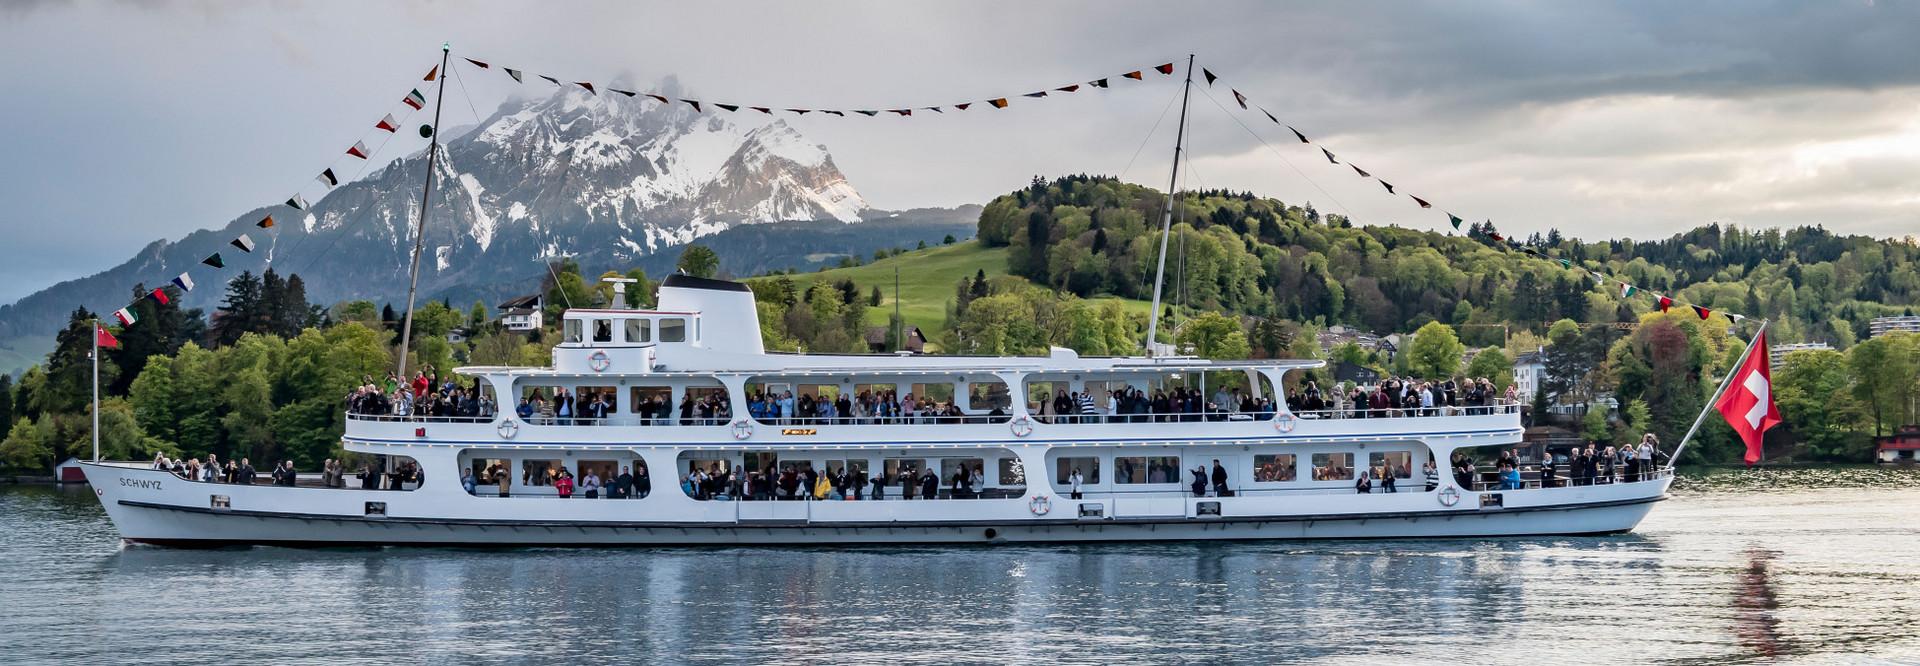 Le bateau à moteur Schwyz lors d'un voyage sur le lac des Quatre-Cantons. Plusieurs drapeaux fixes ornent le bateau à moteur. On peut voir le Pilatus en arrière-plan.